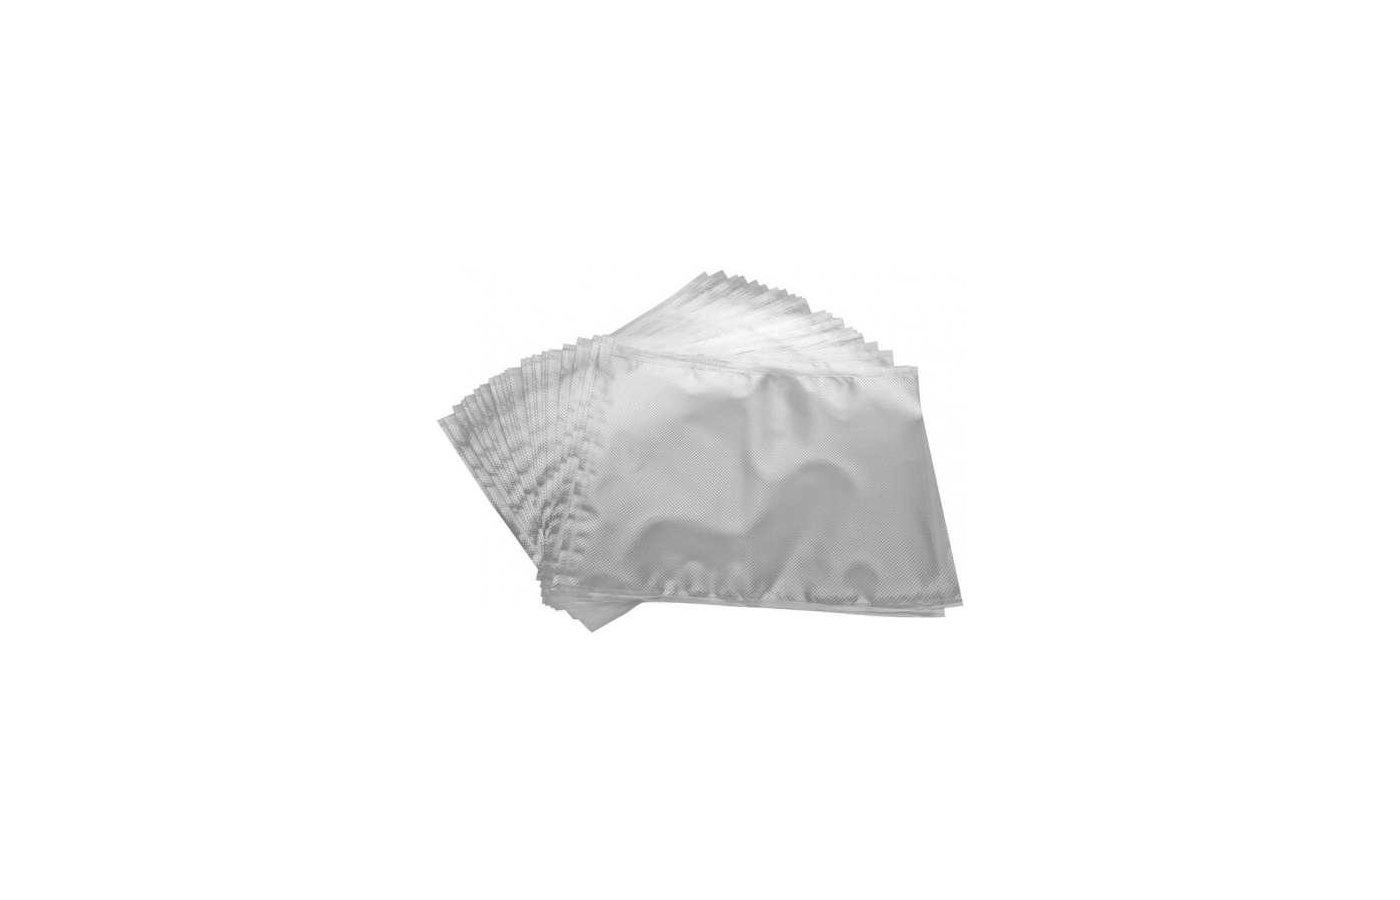 Вакуумные упаковщики STATUS Пакеты д/вак. упак. VB 28*36-25